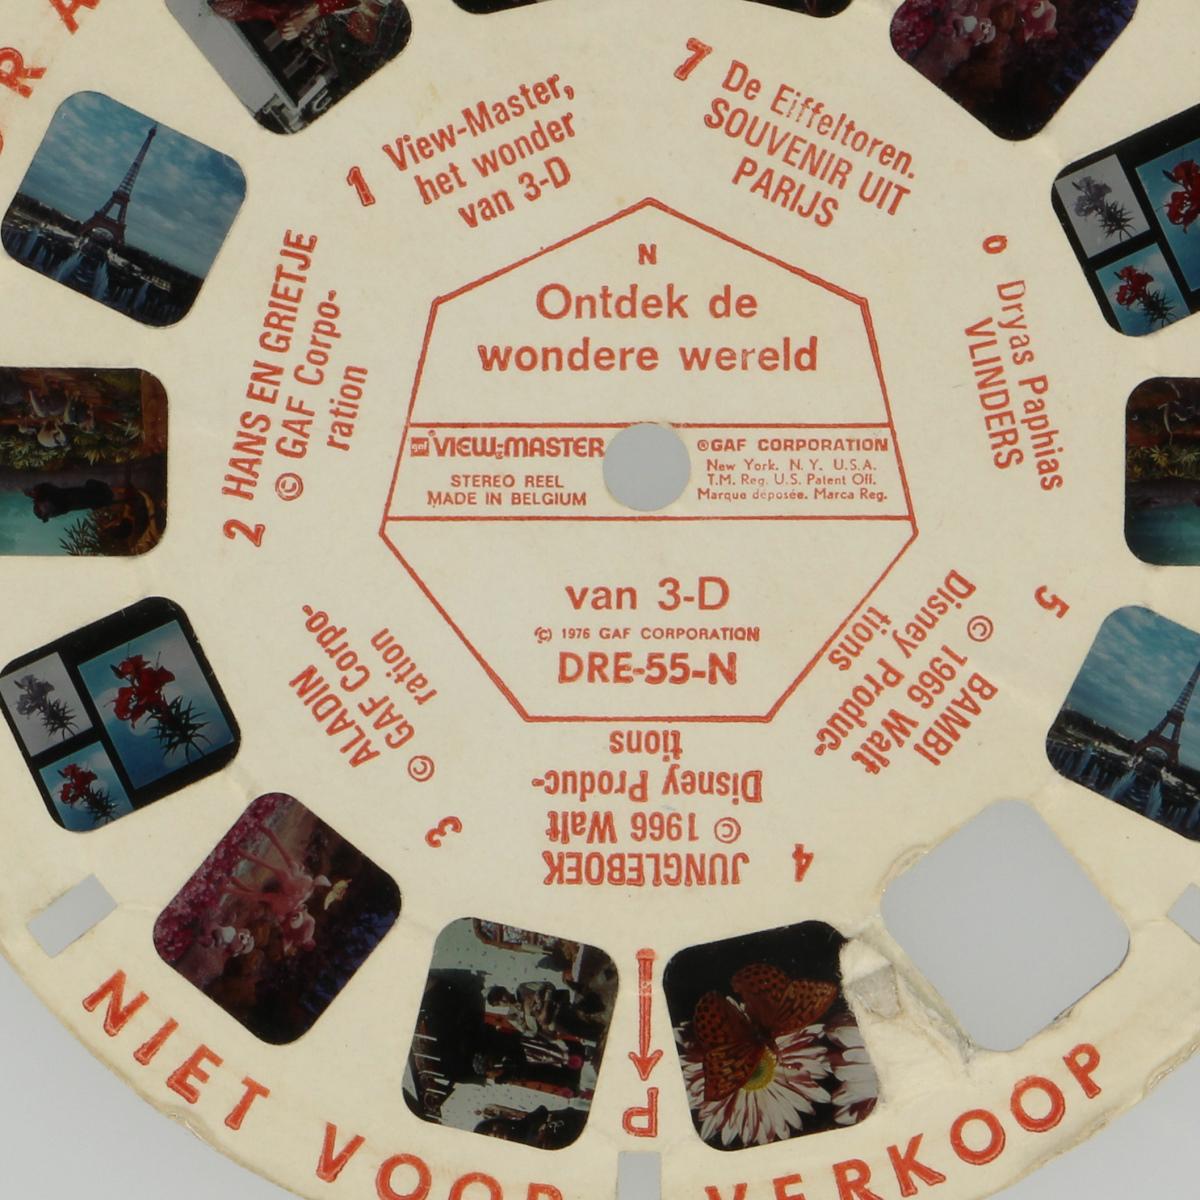 Afbeeldingen van View-master Ontdek de wondere wereld van 3-D DRE-55-N